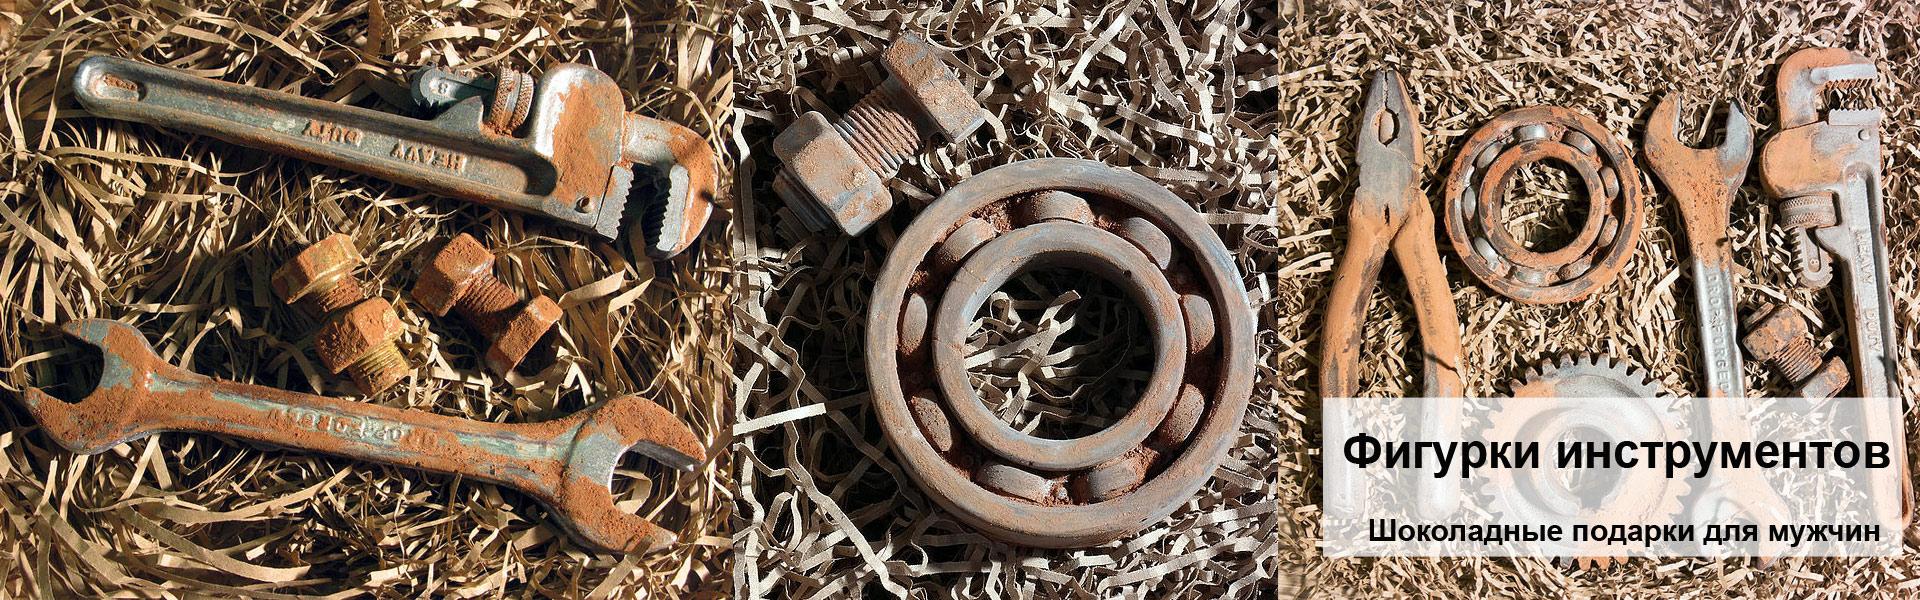 Подарочные наборы инструментов из шоколада